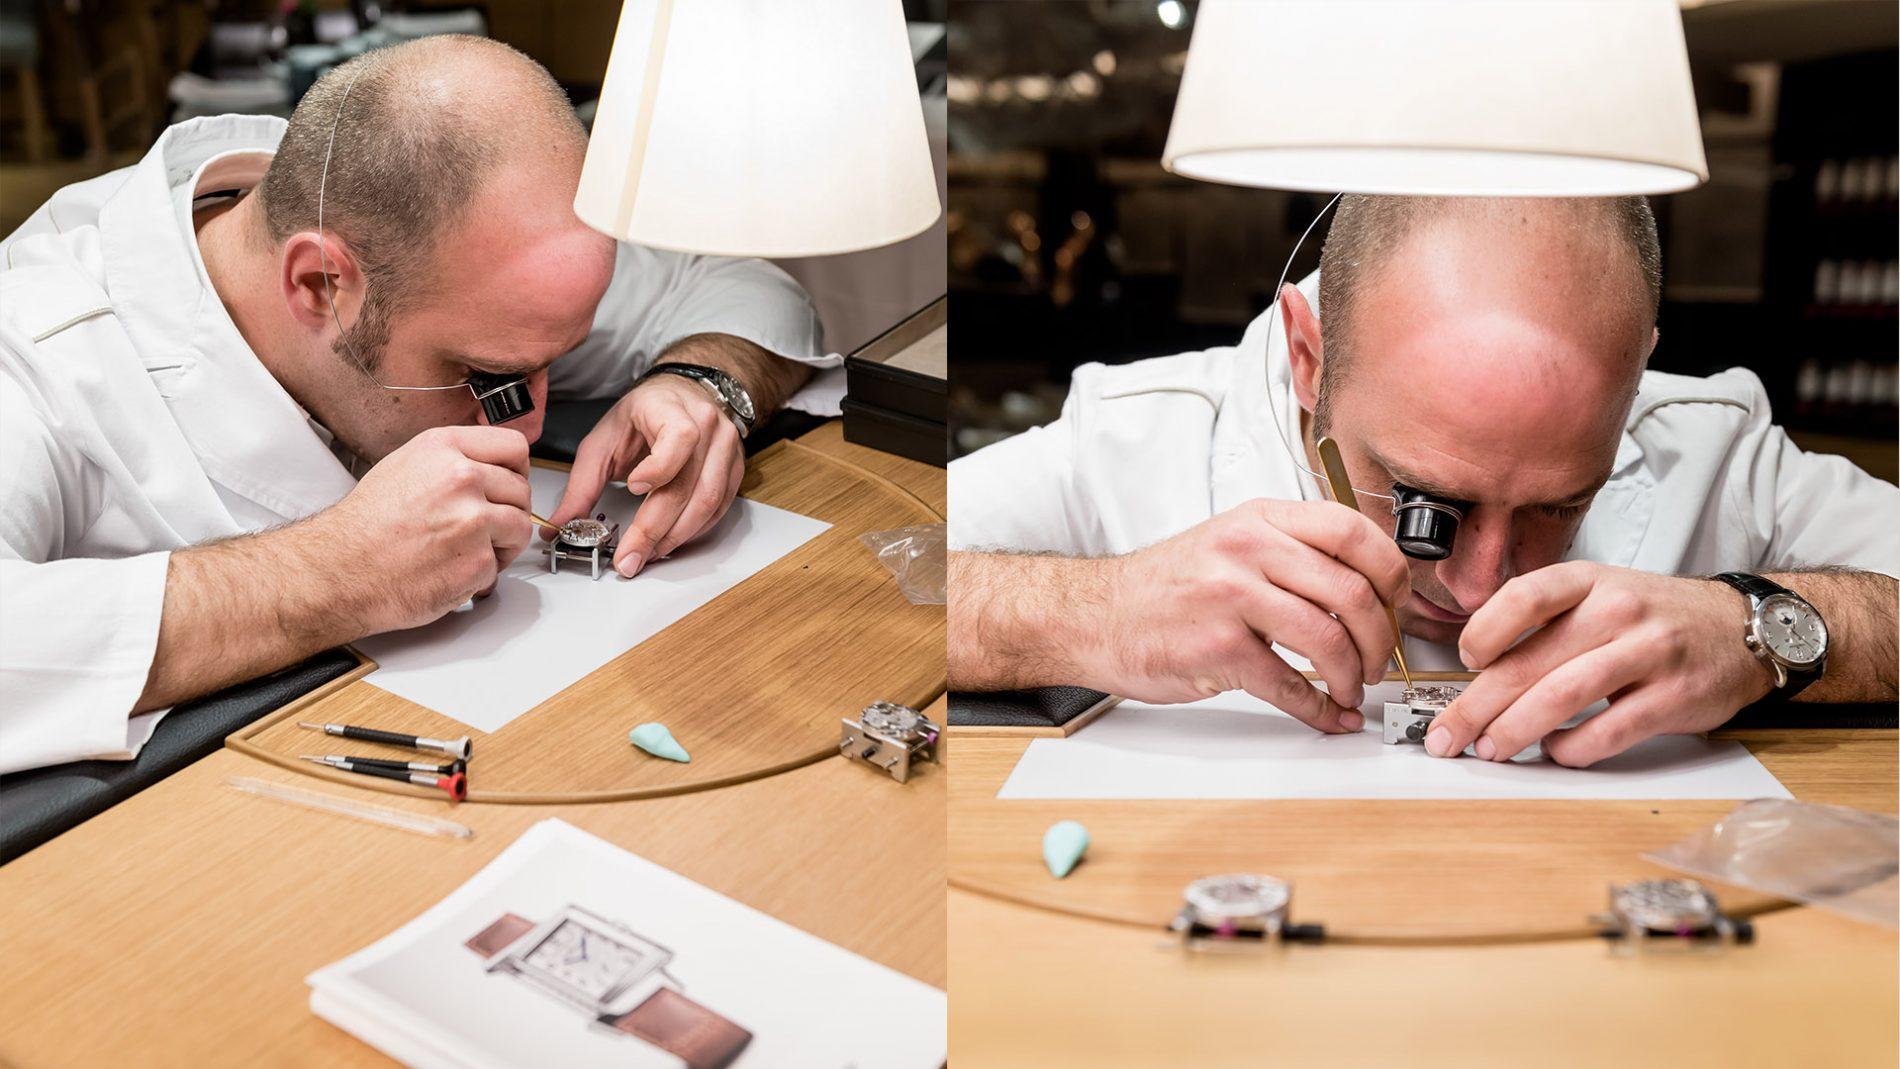 El Corte Inglés Diseñador Relojes Suizo Jaeger-LeCoultre